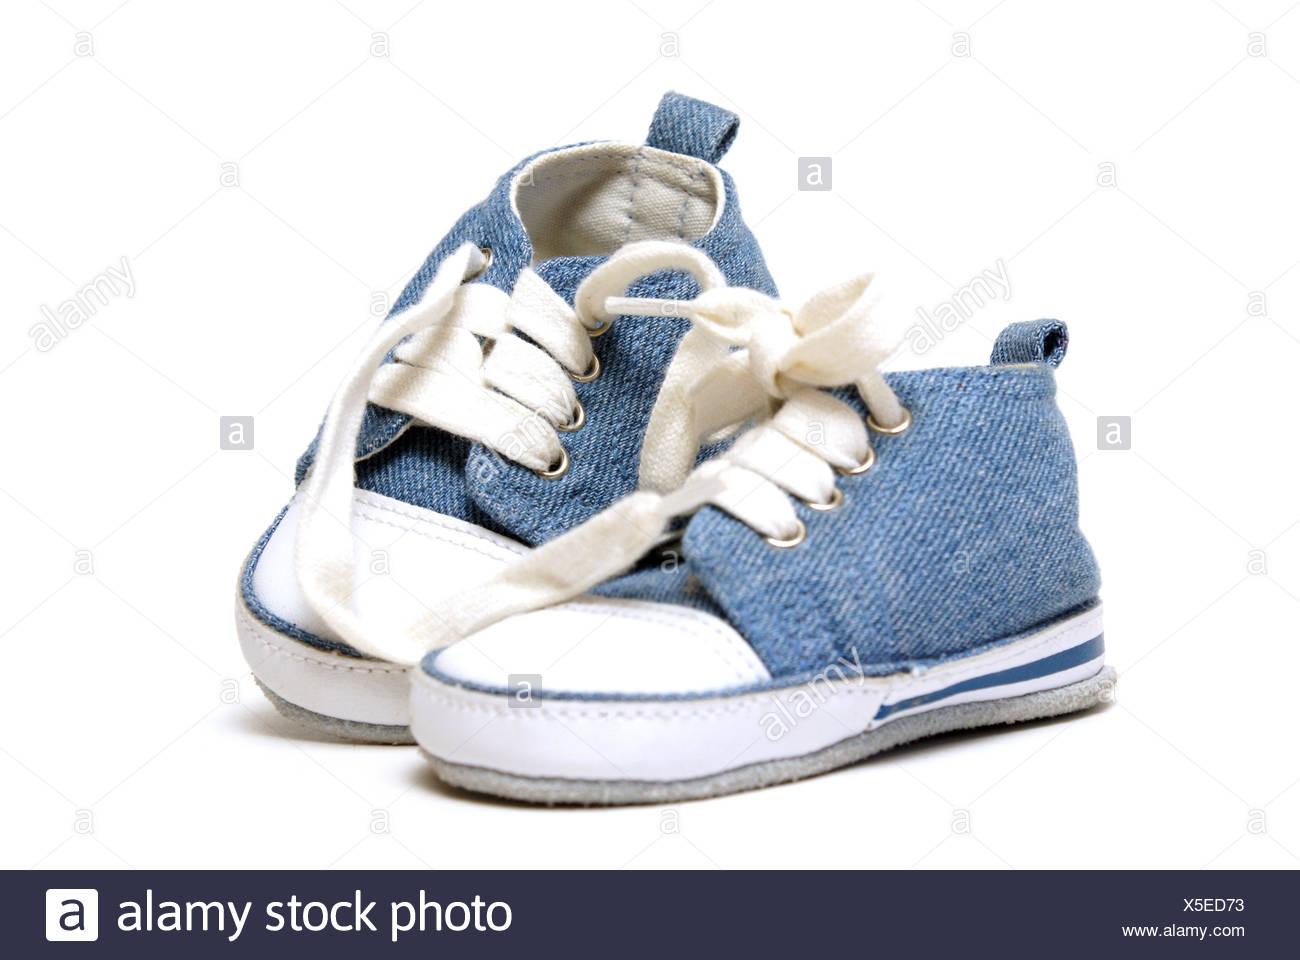 meilleure qualité profiter de prix discount meilleur choix Blue isolée libre nouvelles chaussures petits jeunes tout ...